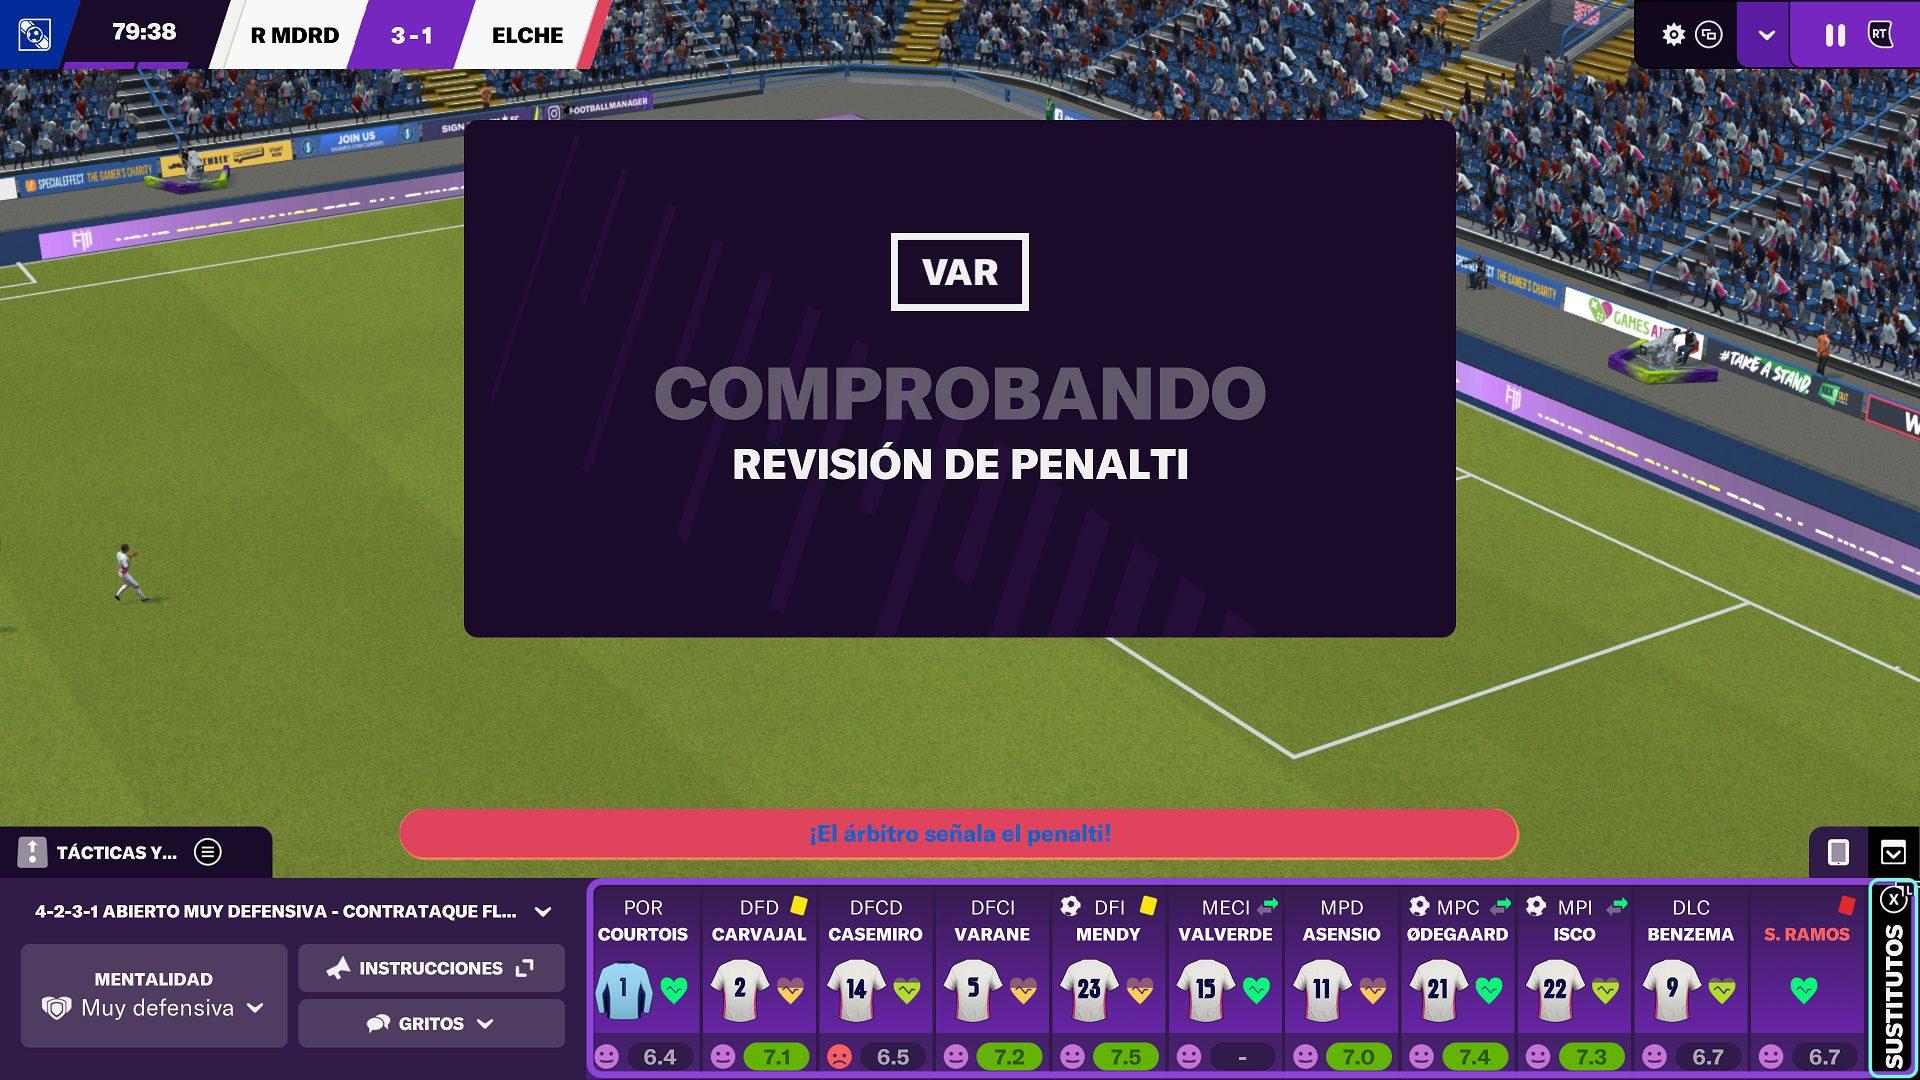 Análisis de Football Manager 2021 - Xbox Edition - Analizamos para Xbox Series X uno de los juegos de gestión más completos que puedes encontrar en Xbox Series X, Football Manager 2021.